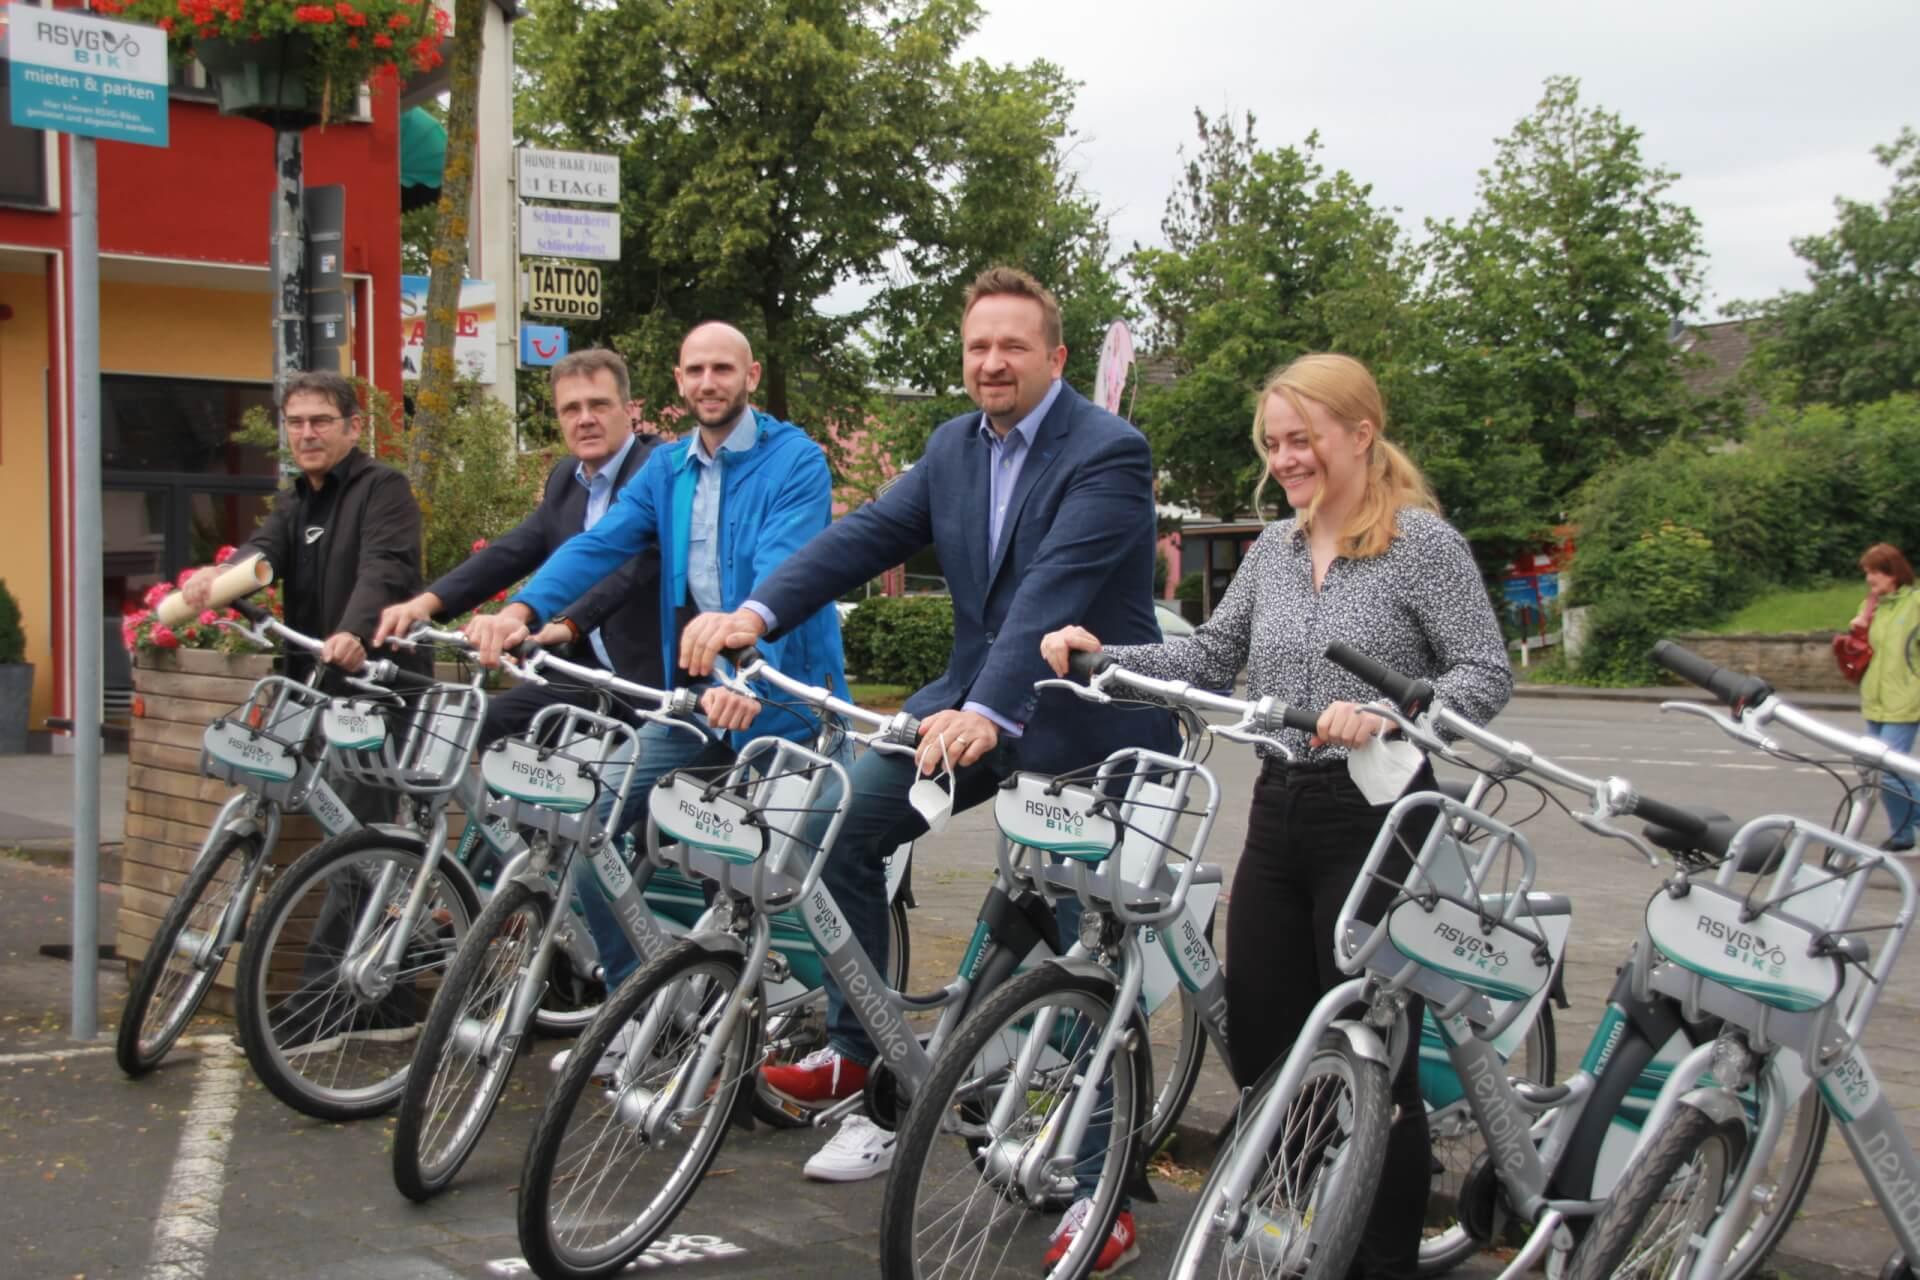 Anbieter des Fahrradmietsystems stellten das Konzept auf dem Aegidiusplatz vor.idiusplatz vorgestellt.